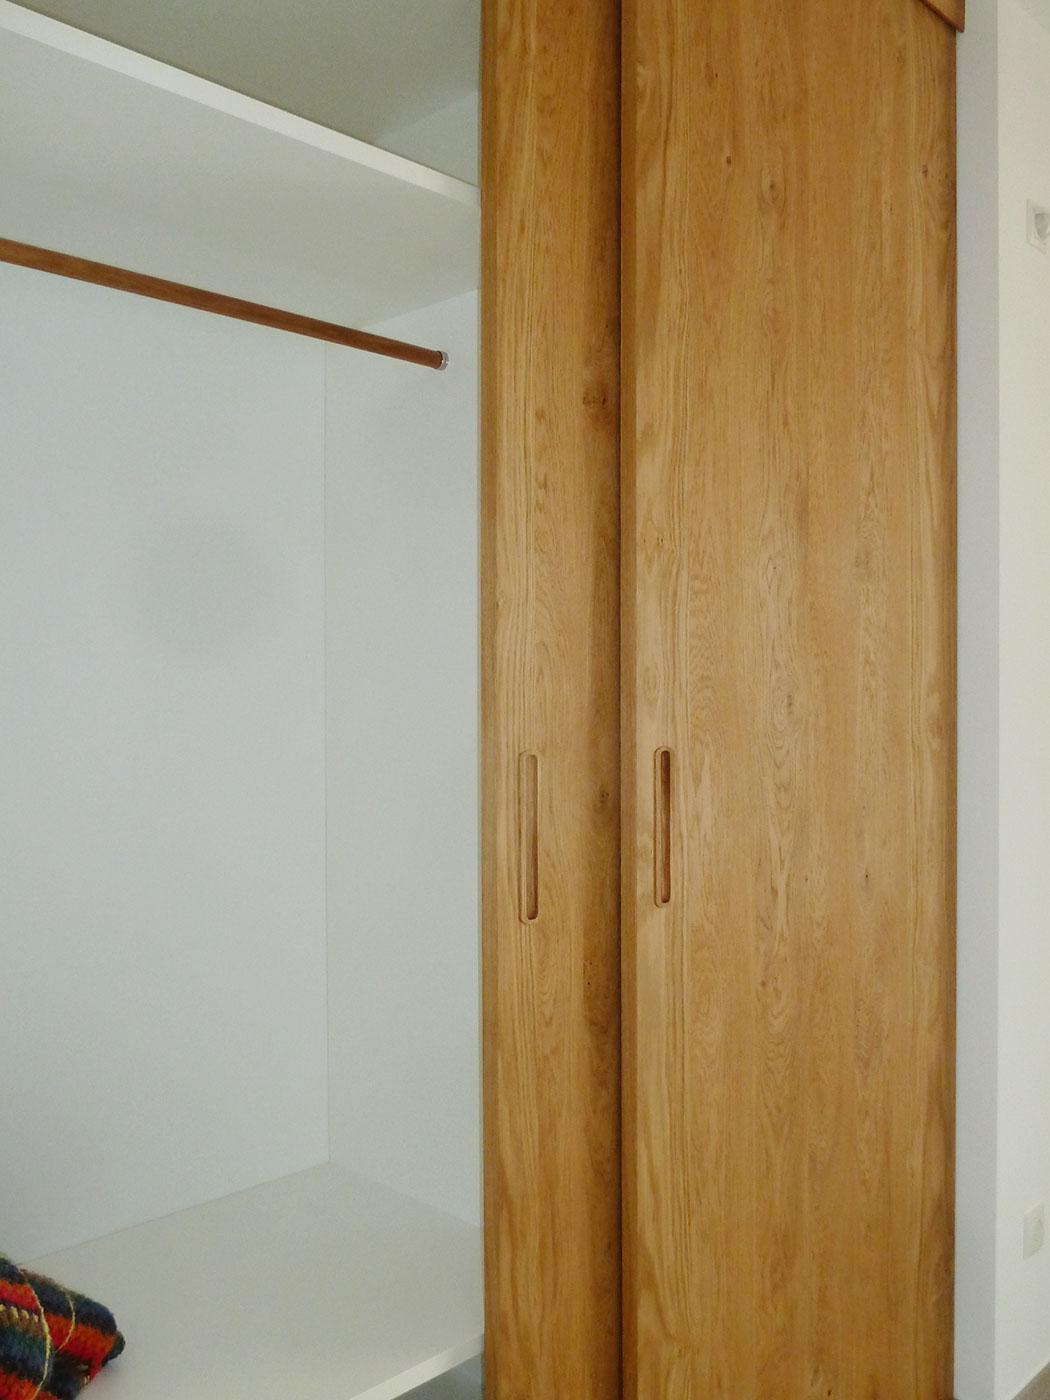 einbauschrank mit schiebet ren neue schreinerei. Black Bedroom Furniture Sets. Home Design Ideas